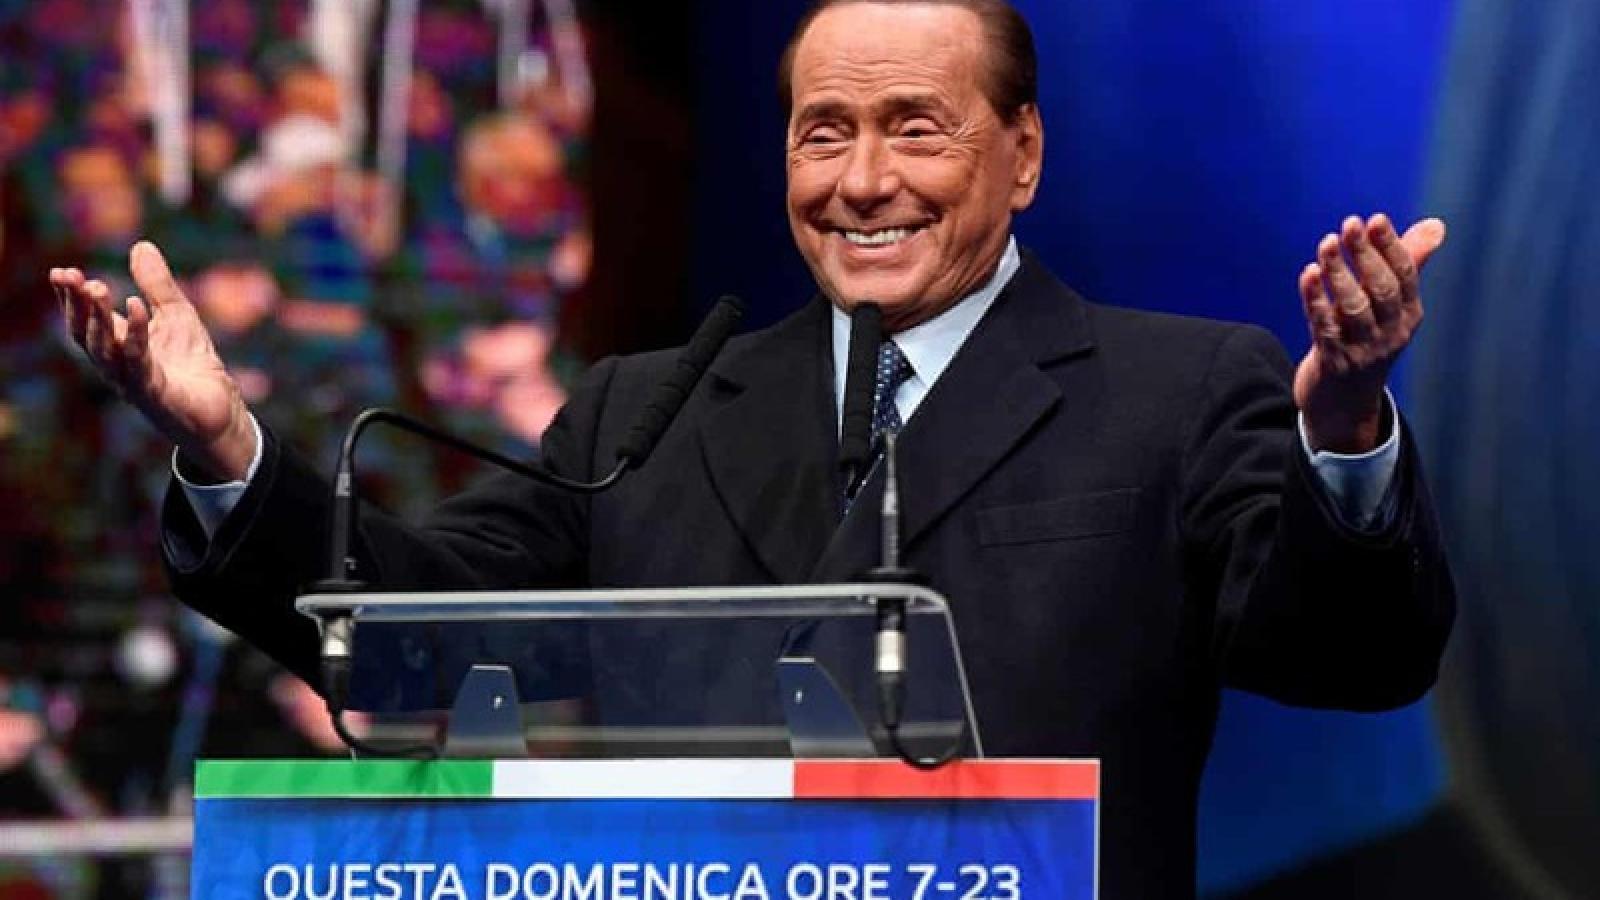 Cựu Thủ tướng Italy Berlusconi nhiễm virus SARS-CoV-2